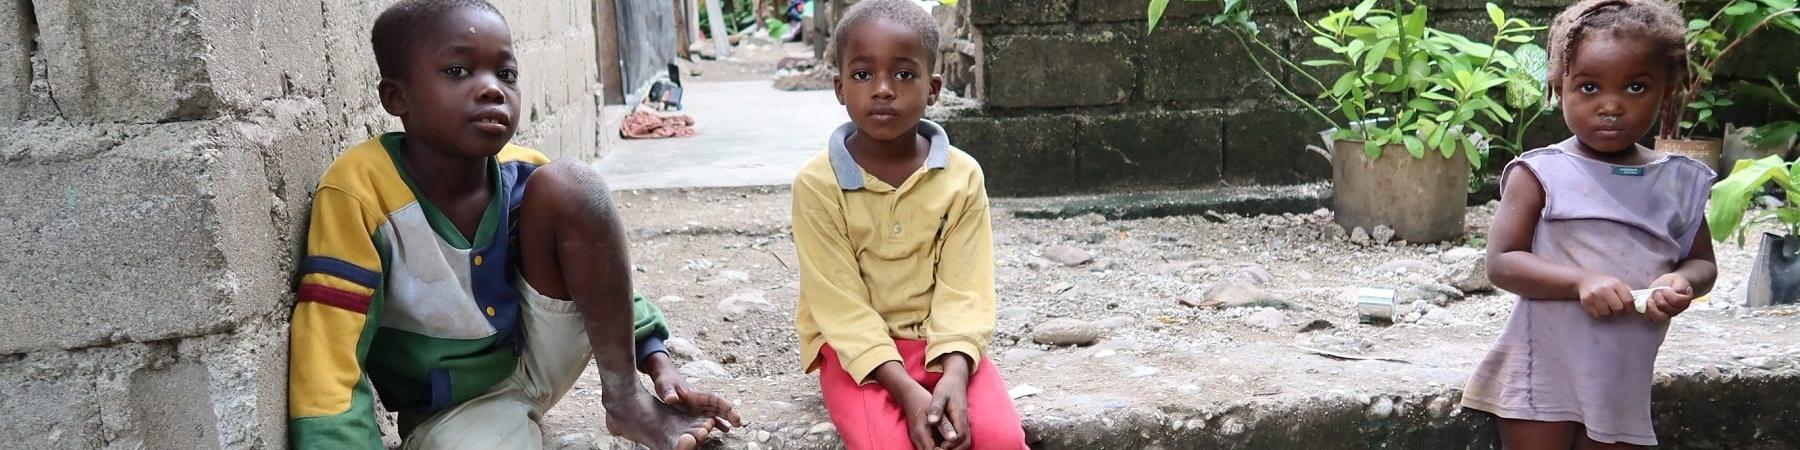 Tre bambini haitiani seduti su un gradino guardano in camera